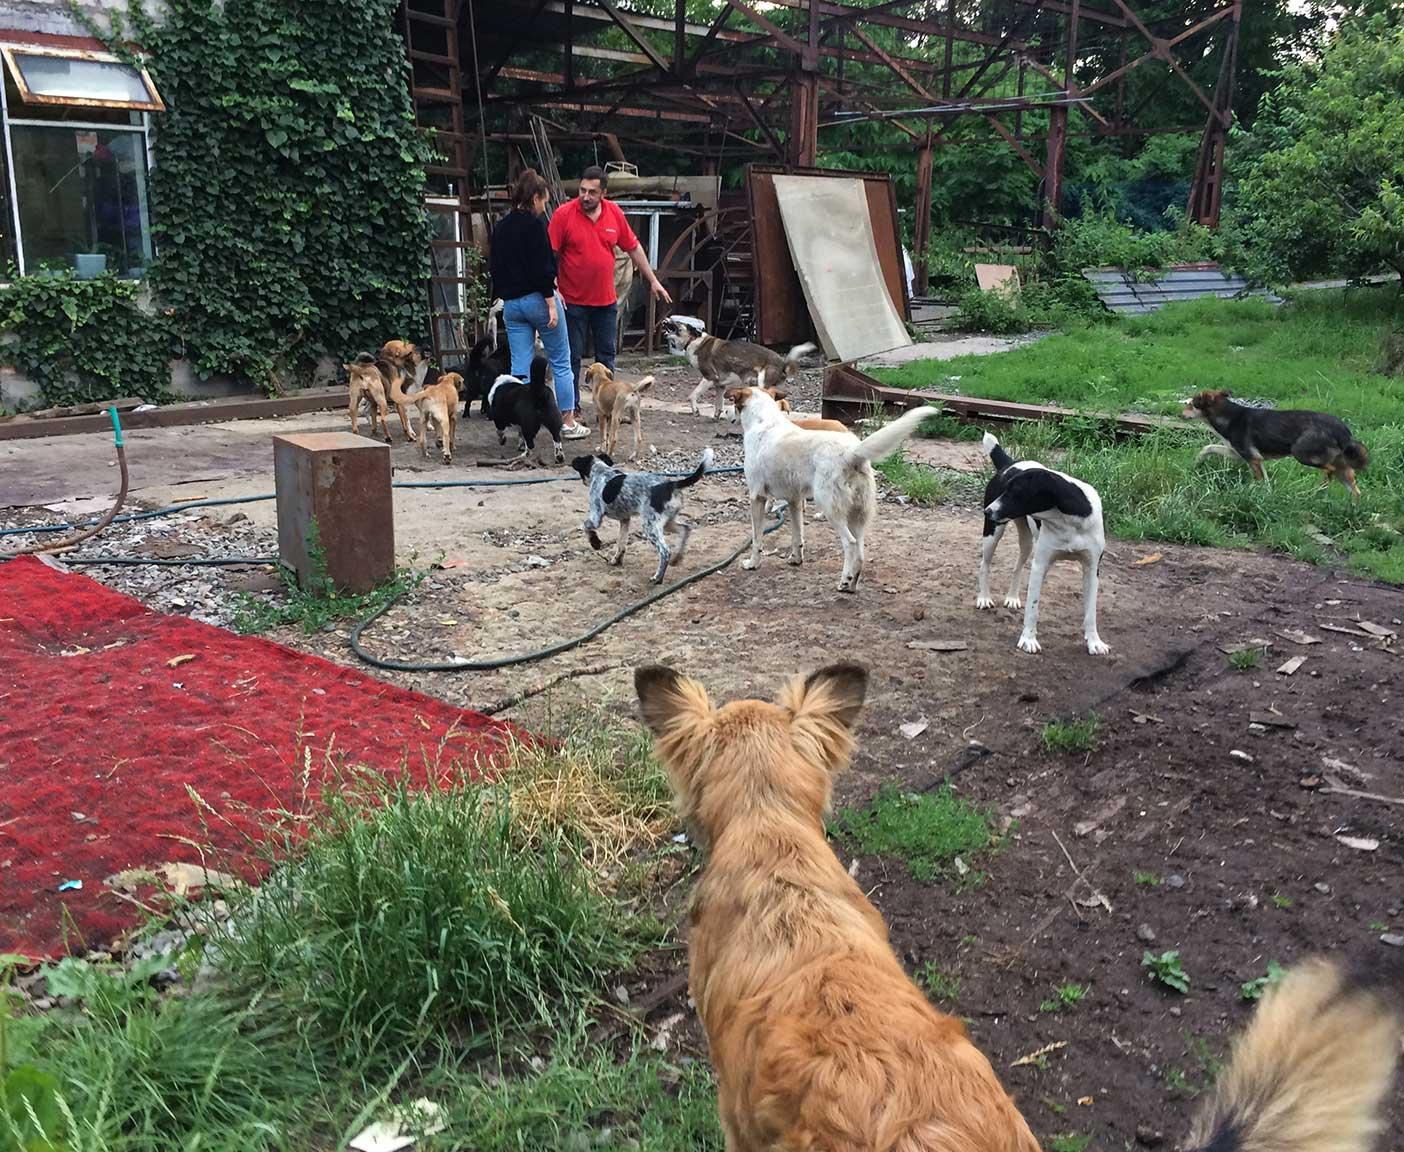 russische-hunde-straßenhunde-tierheim-adoption-vermittlung-von-haustieren-hilfe-spenden8